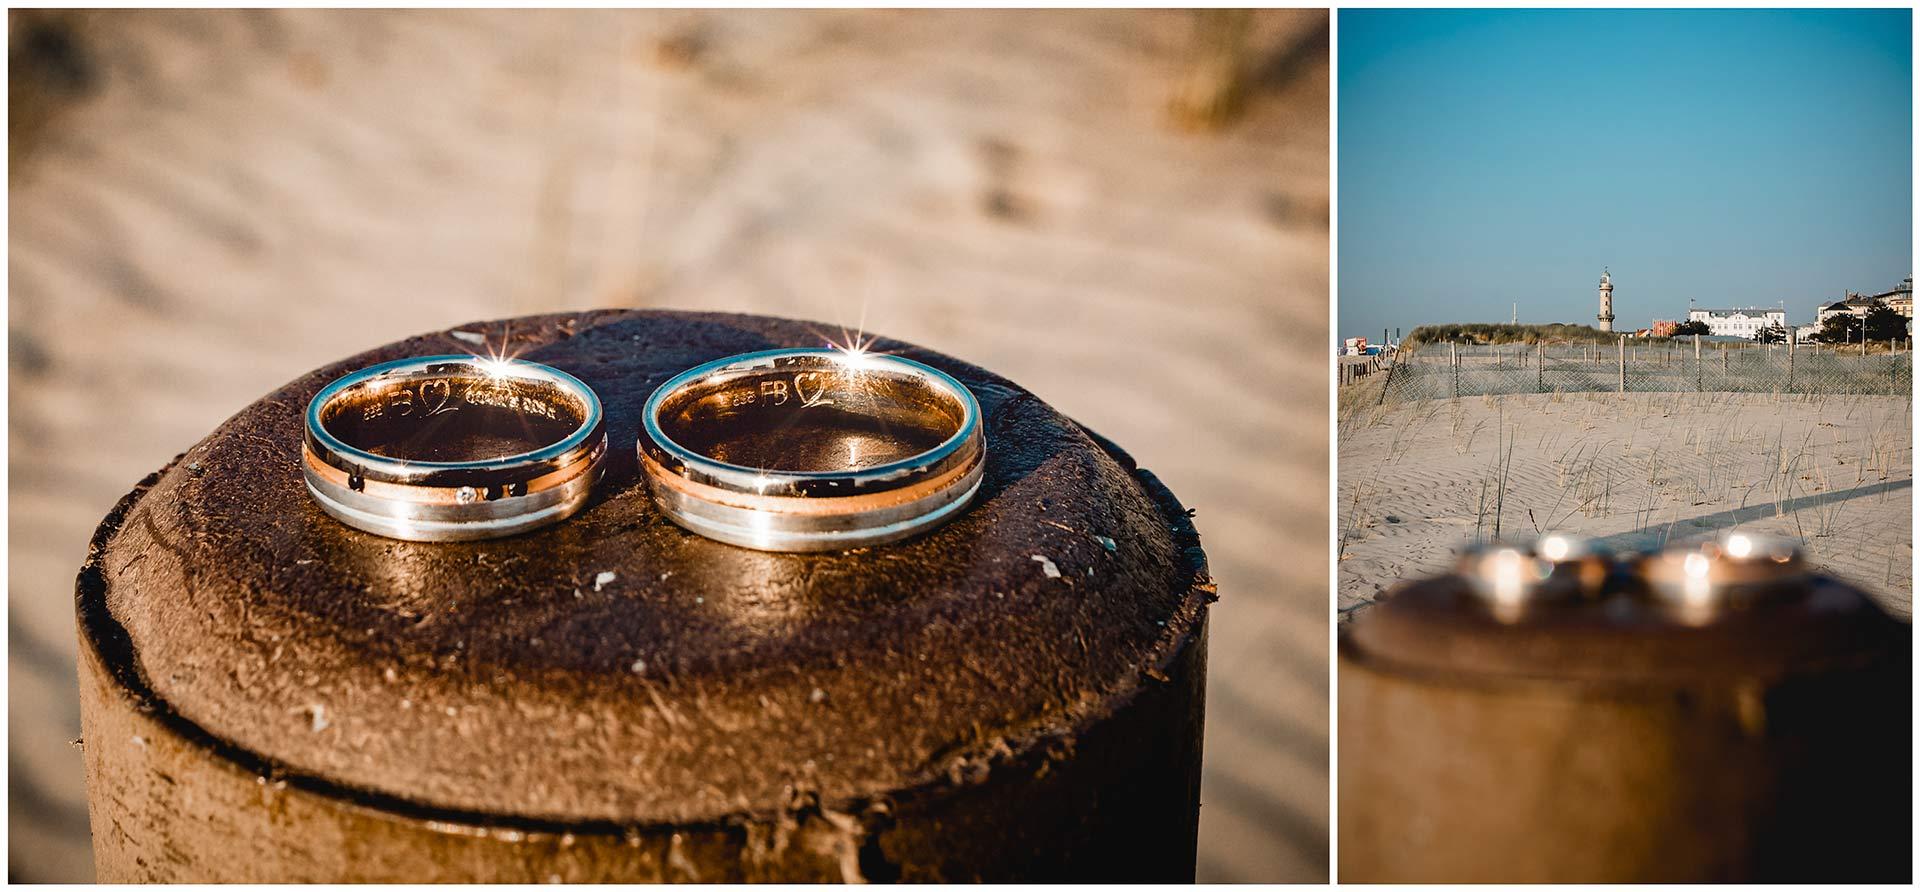 Eheringe-liegen-nebeneinander-im-Hintergrund-der-Leuchtturm-von-Warnemuende-Hochzeit-am-Strand-Hochzeitsfotograf-Warnemuende-Hochzeitsfotograf-Rostock-Hochzeitsfotograf-Ostseebad-Warnemuende